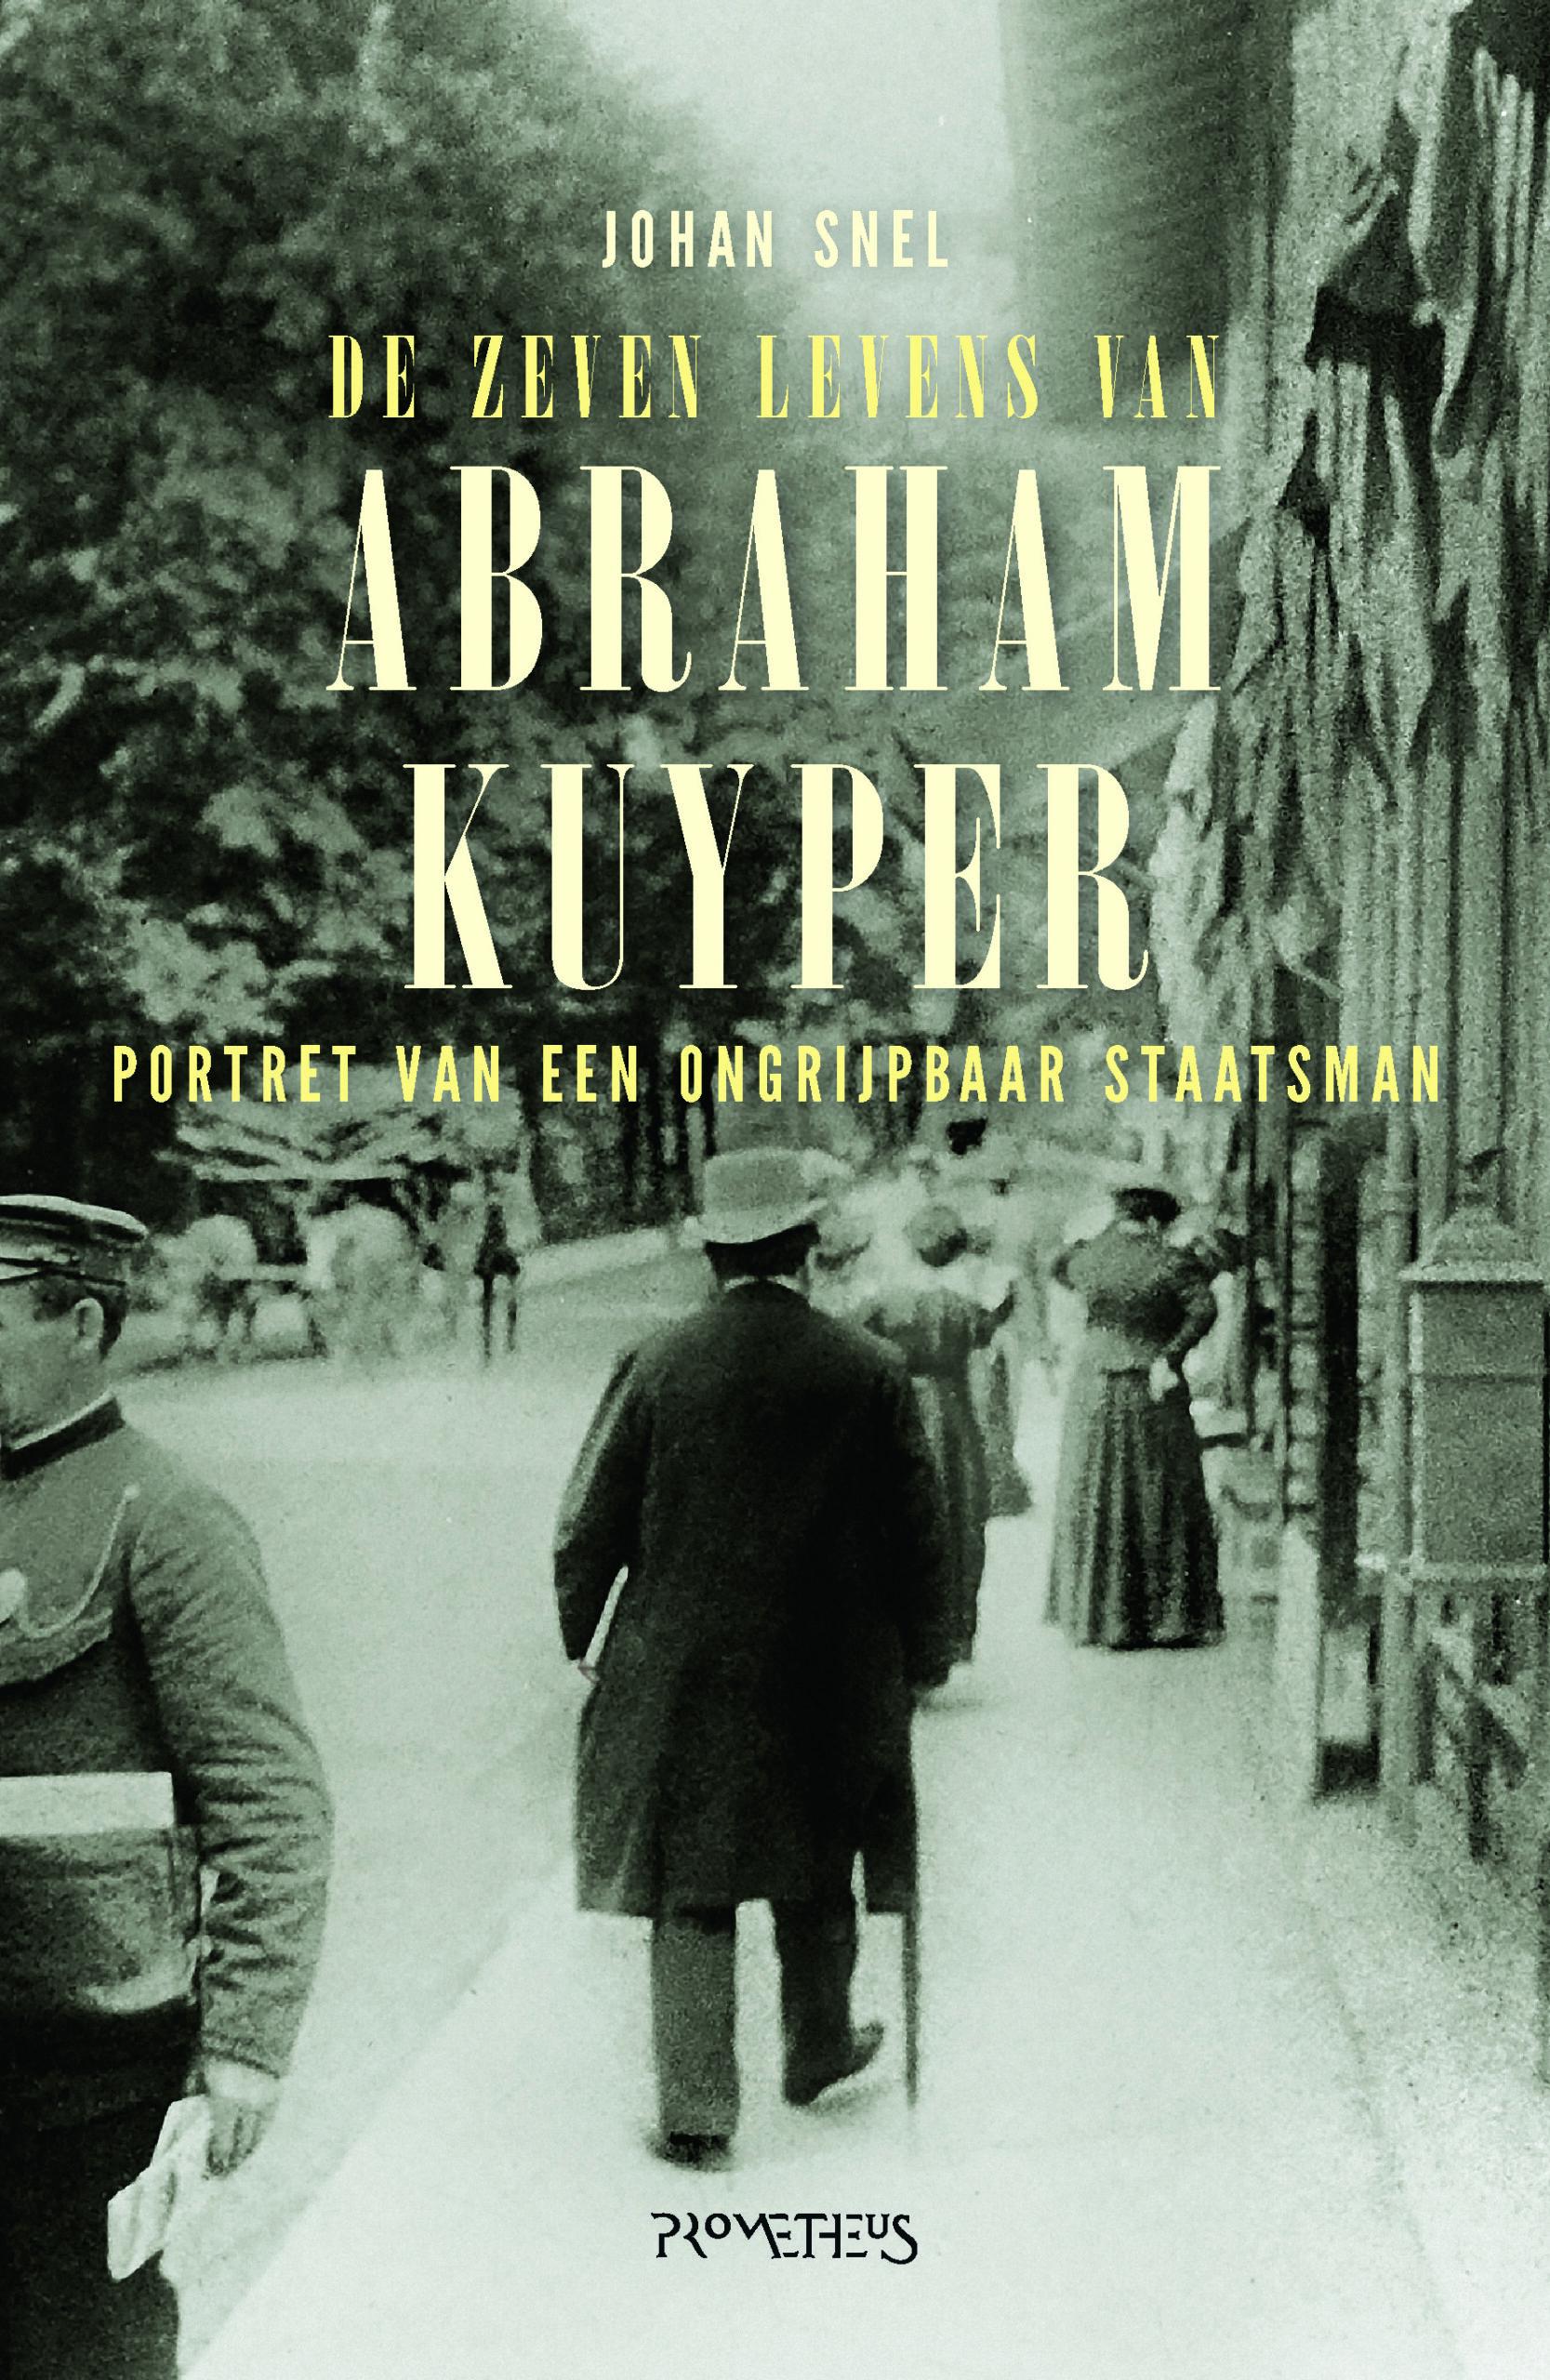 De zeven levens van Abraham Kuyper - boekenflits